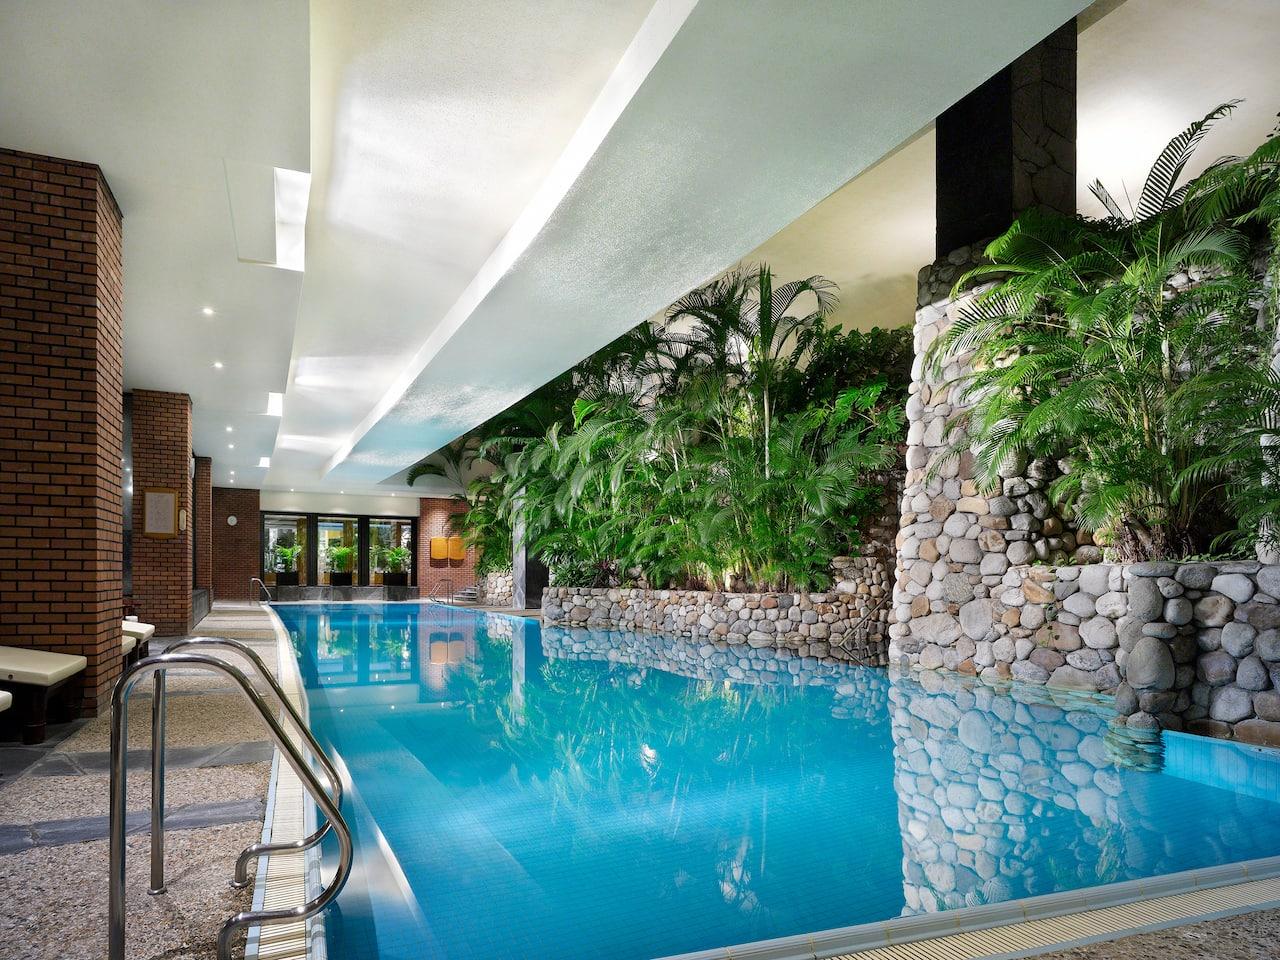 SELRS_P1095 Indoor Pool